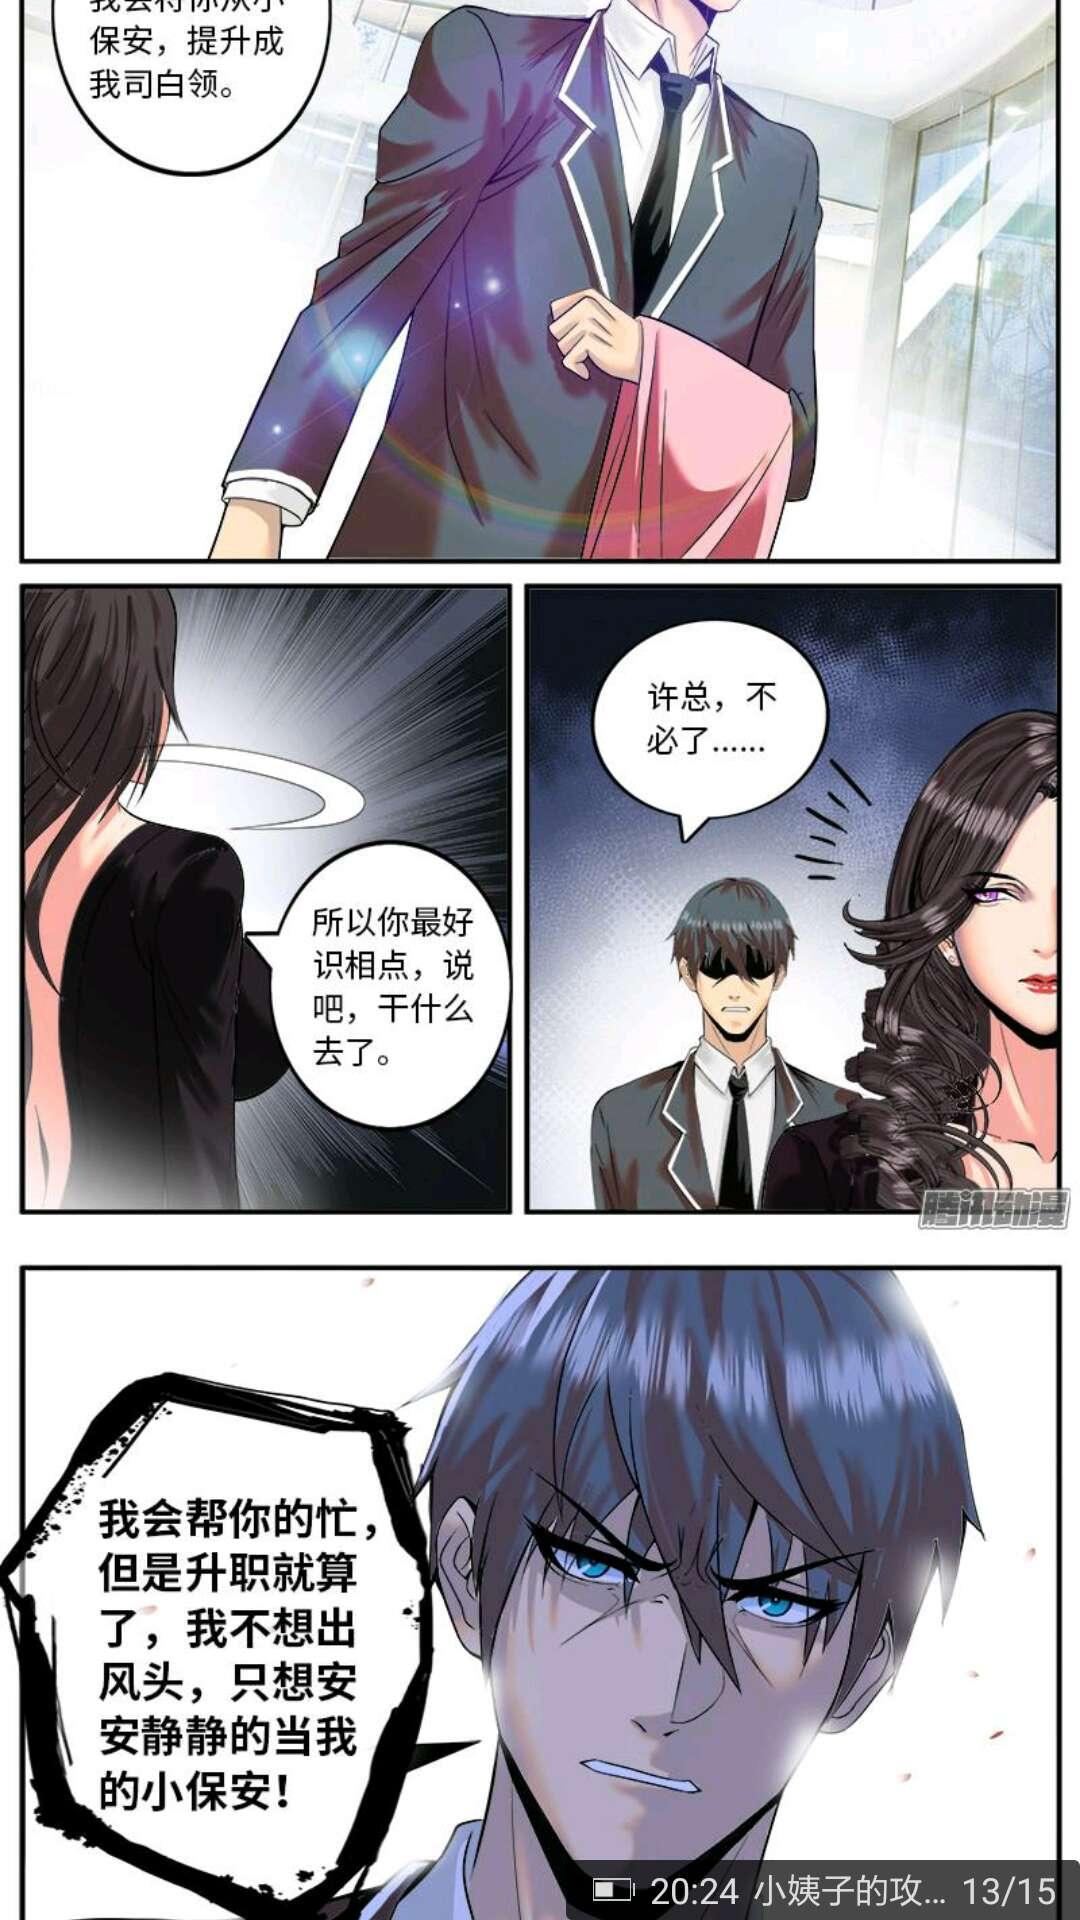 【漫画】一部好看后宫漫画